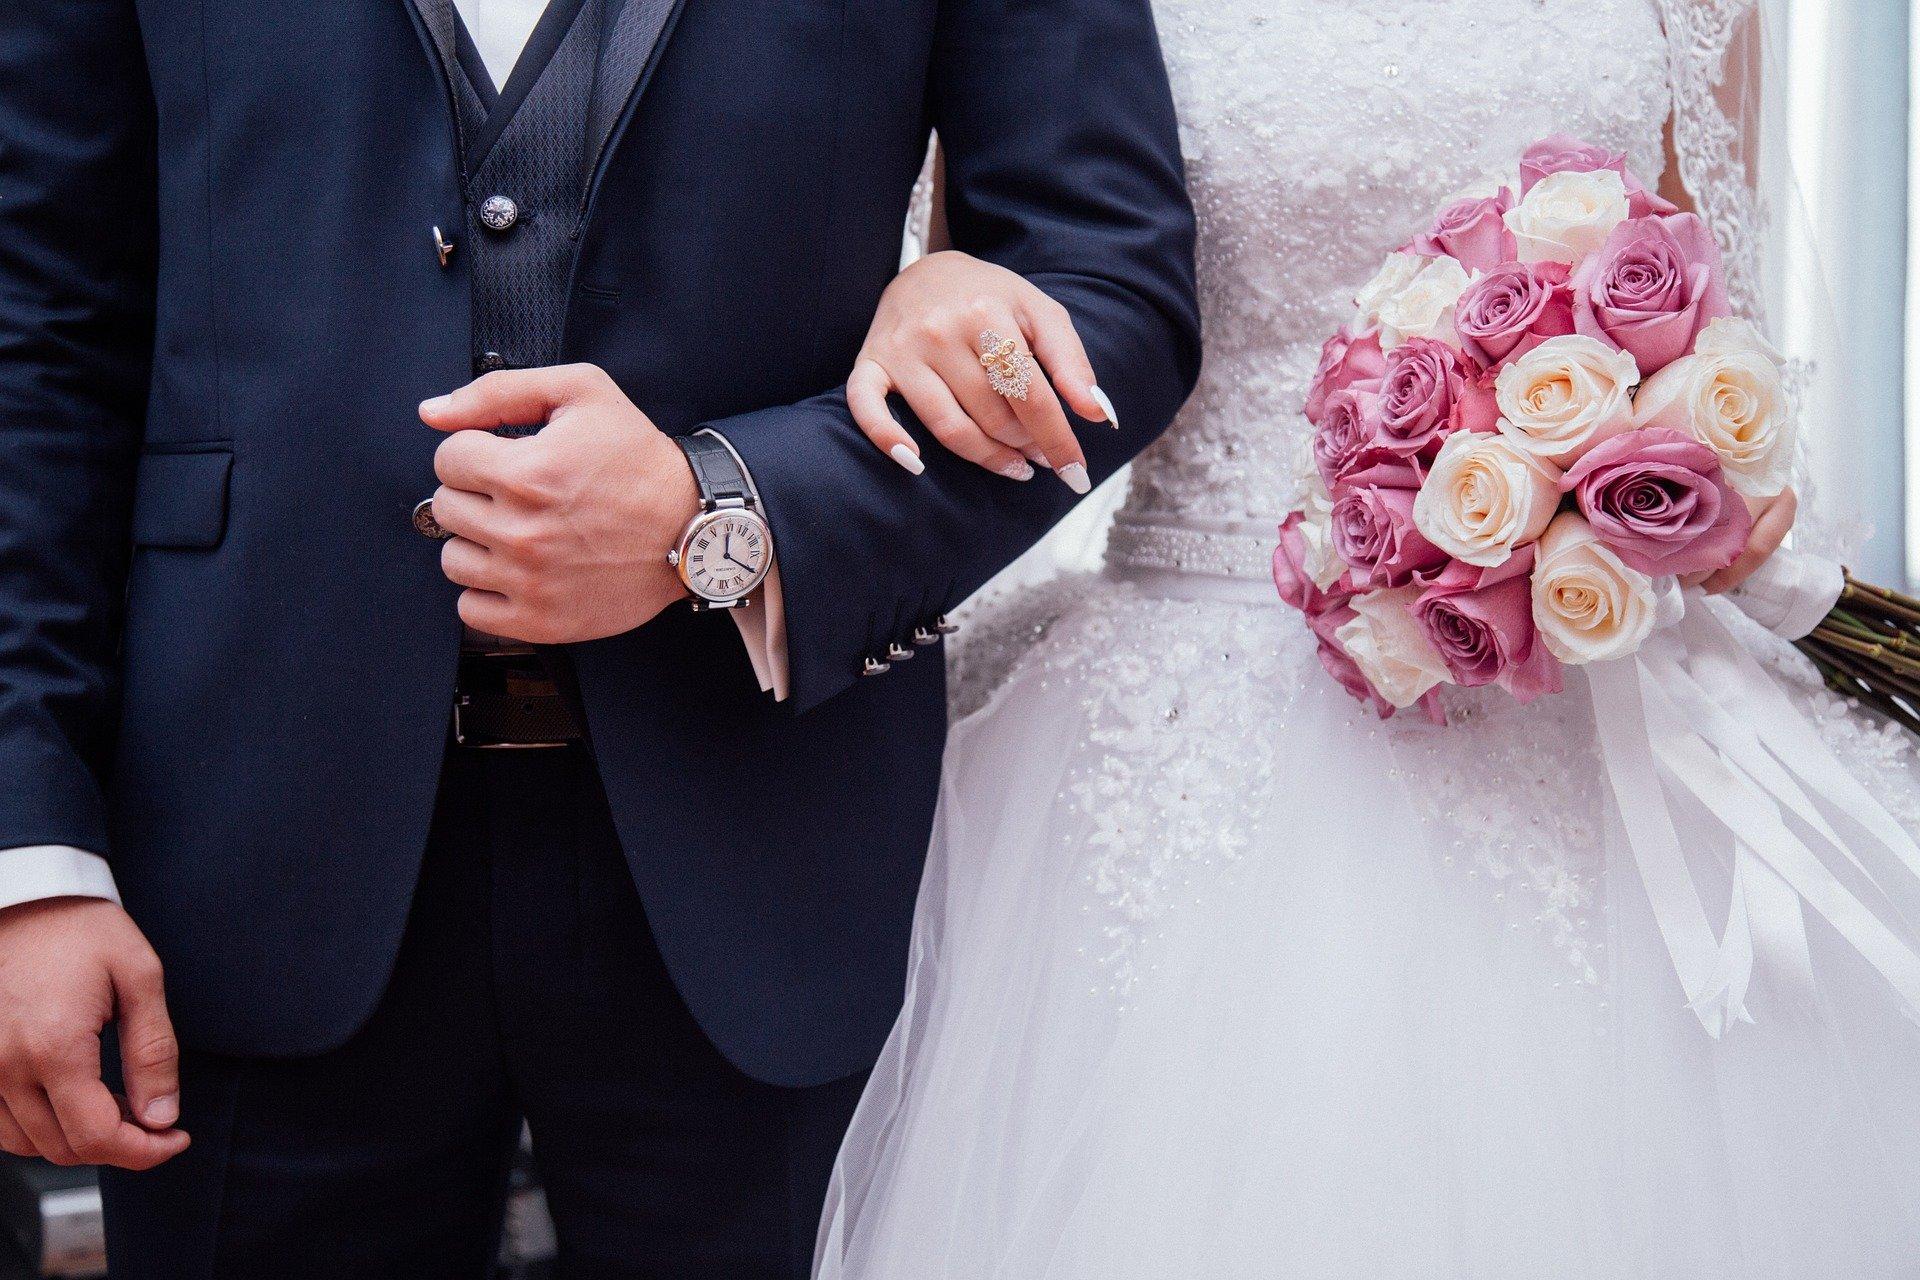 ทำนายฝัน ฝันว่า แต่งงาน ฝันเห็น งานแต่ง